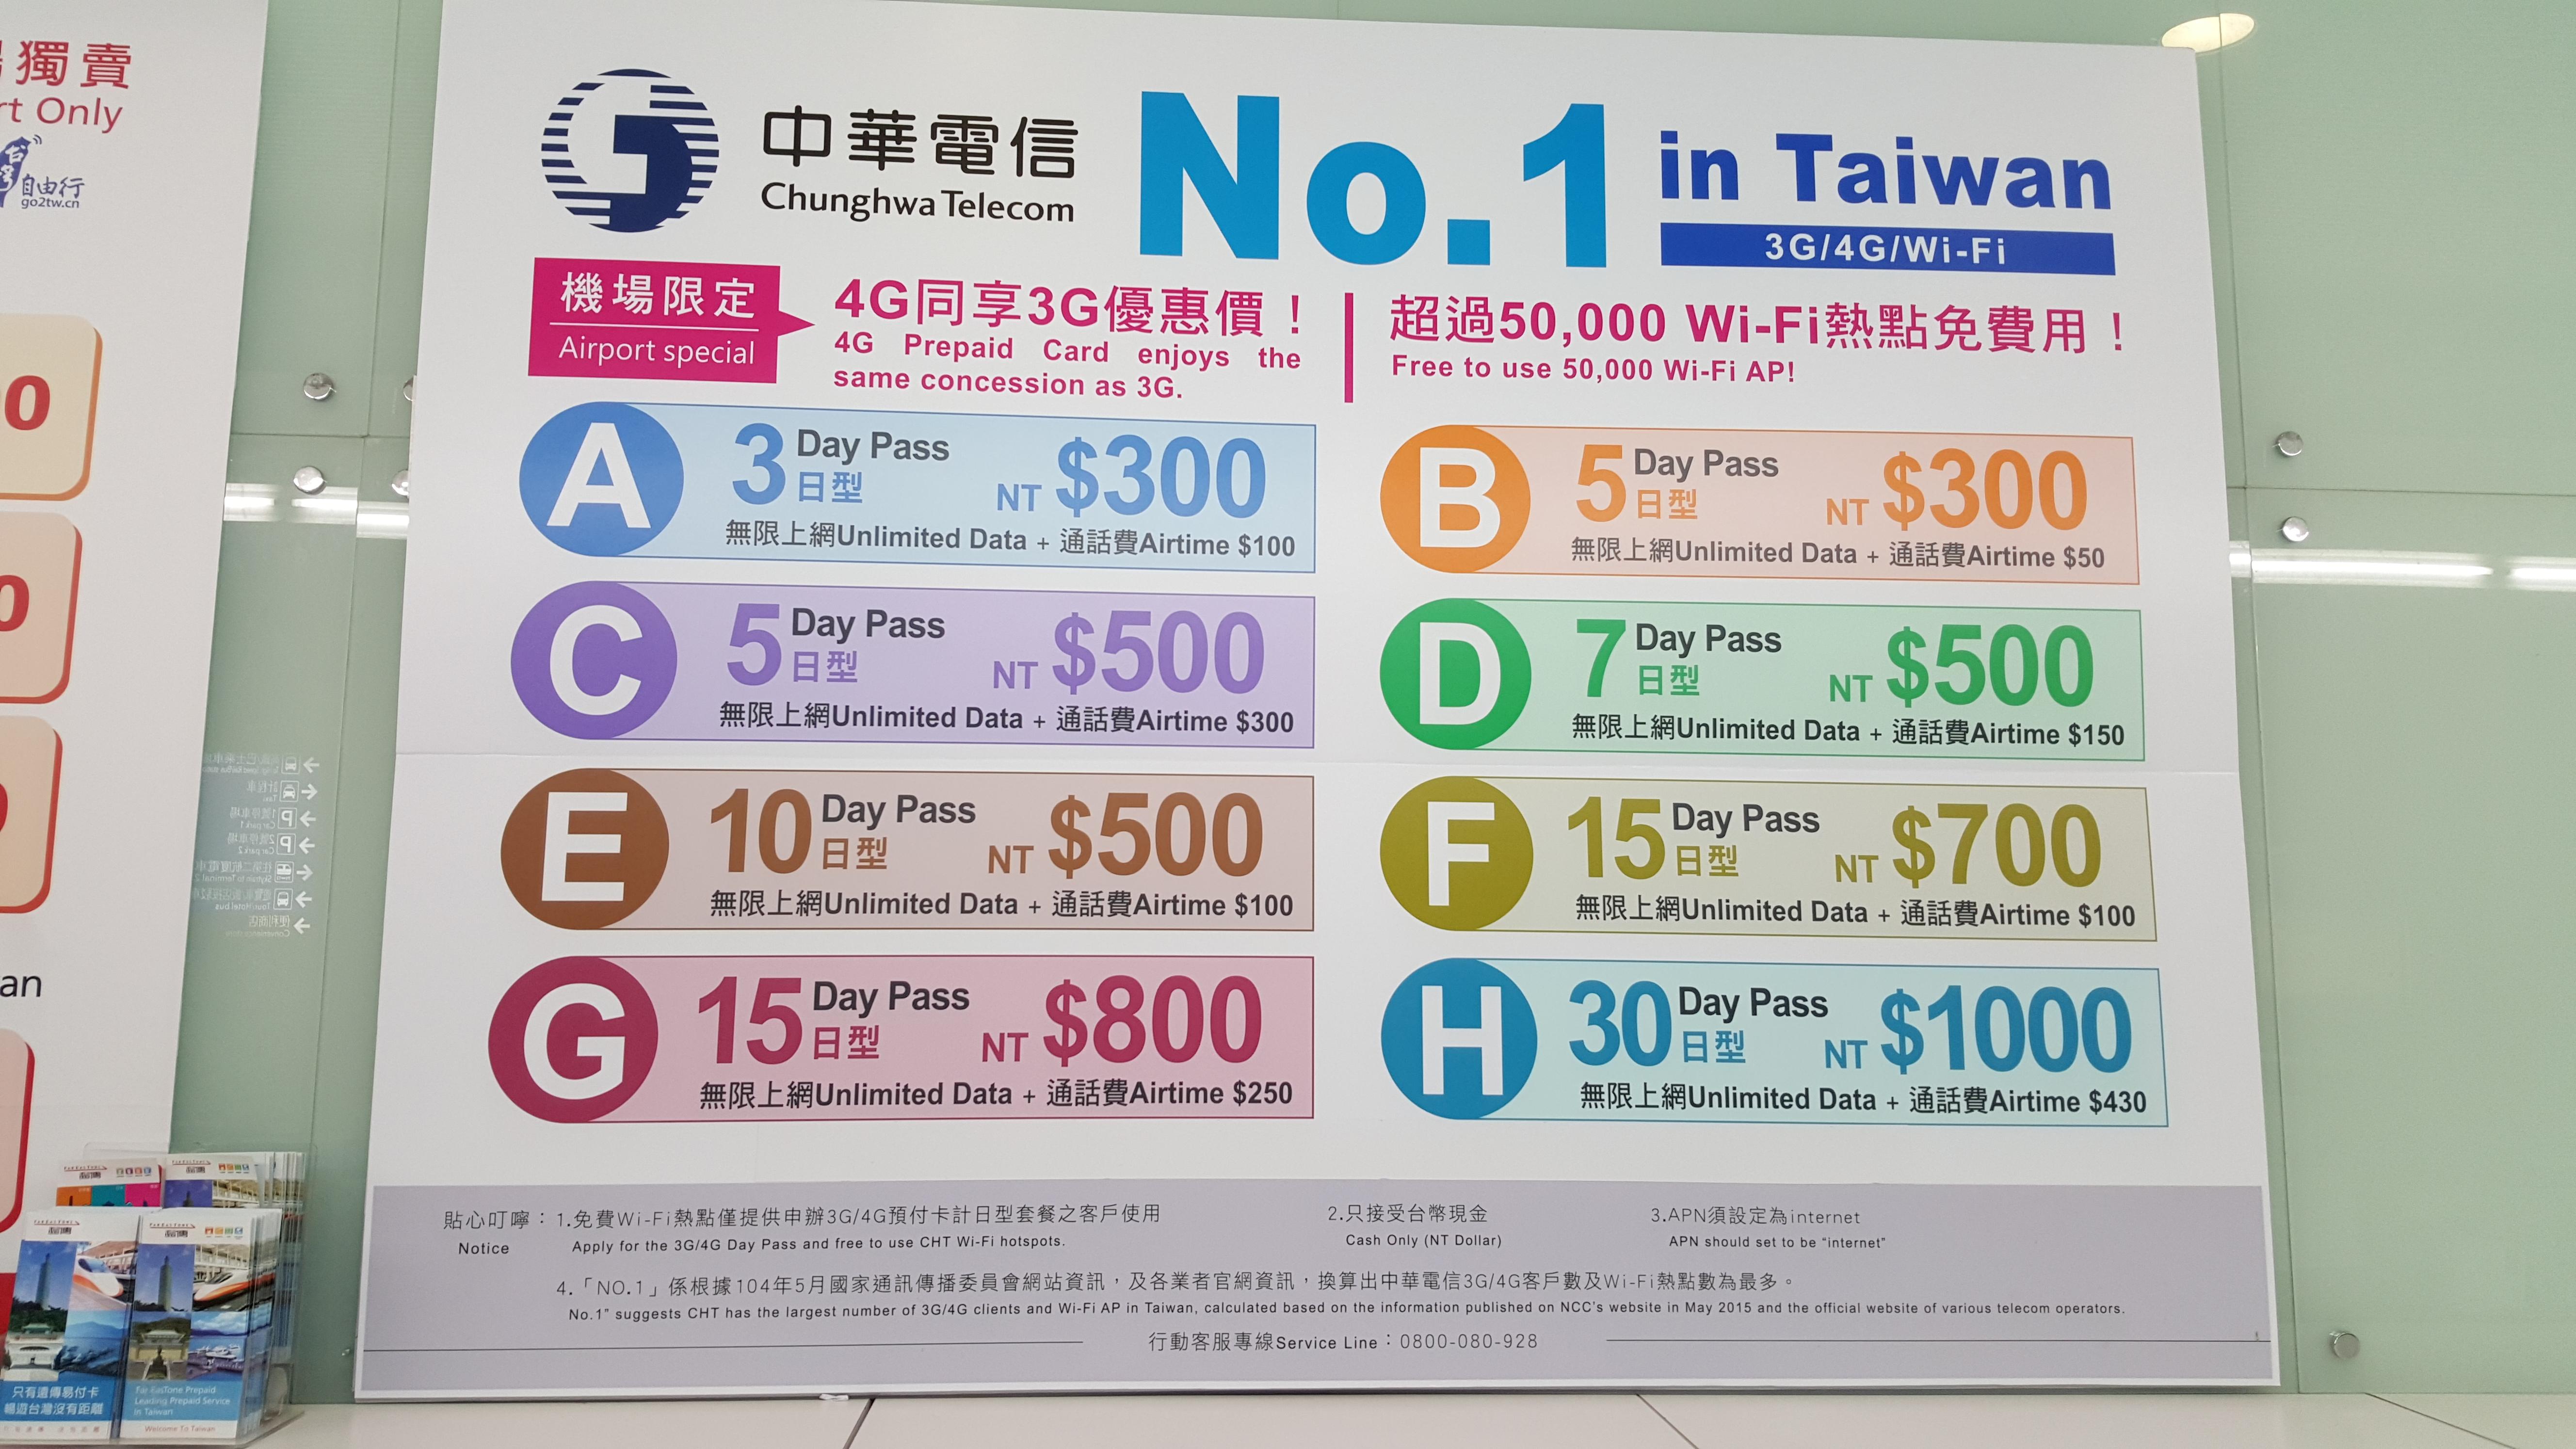 台湾:桃園空港で買える4G LTE対応プリペイドSIMのプランまとめ – 2015年9月分